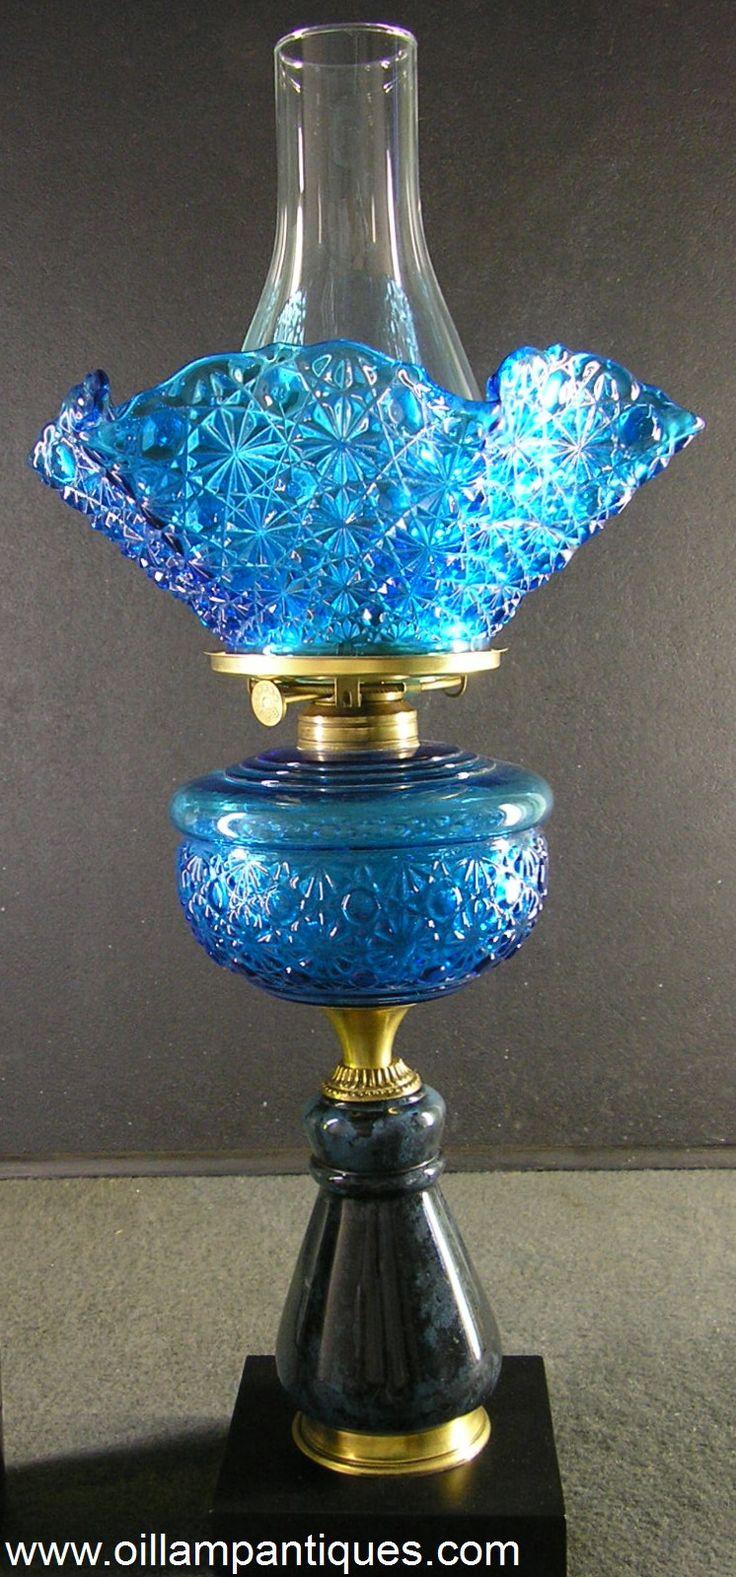 Regent antiques lights antique victorian oil lamp c 1860 -  Daisy Button Composite Oil Lamp Kerosene Lamp Oil Lamp Antiques Antique Oil Lampsvintage